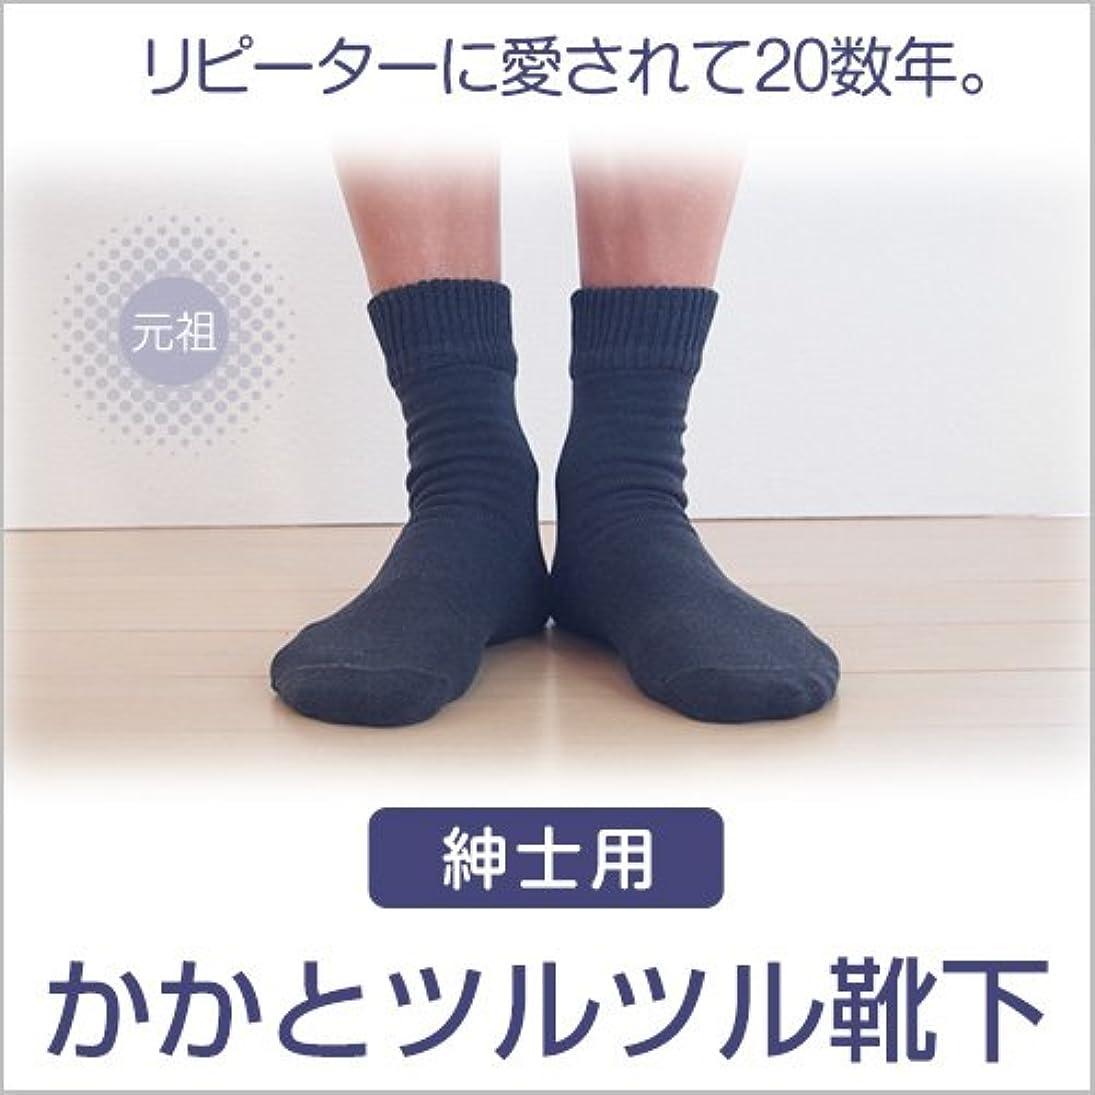 印をつける平和的美容師男性用 かかと ツルツル 靴下 ブラック 24-26cm 角質 ケア ひび割れ対策 太陽ニット 700